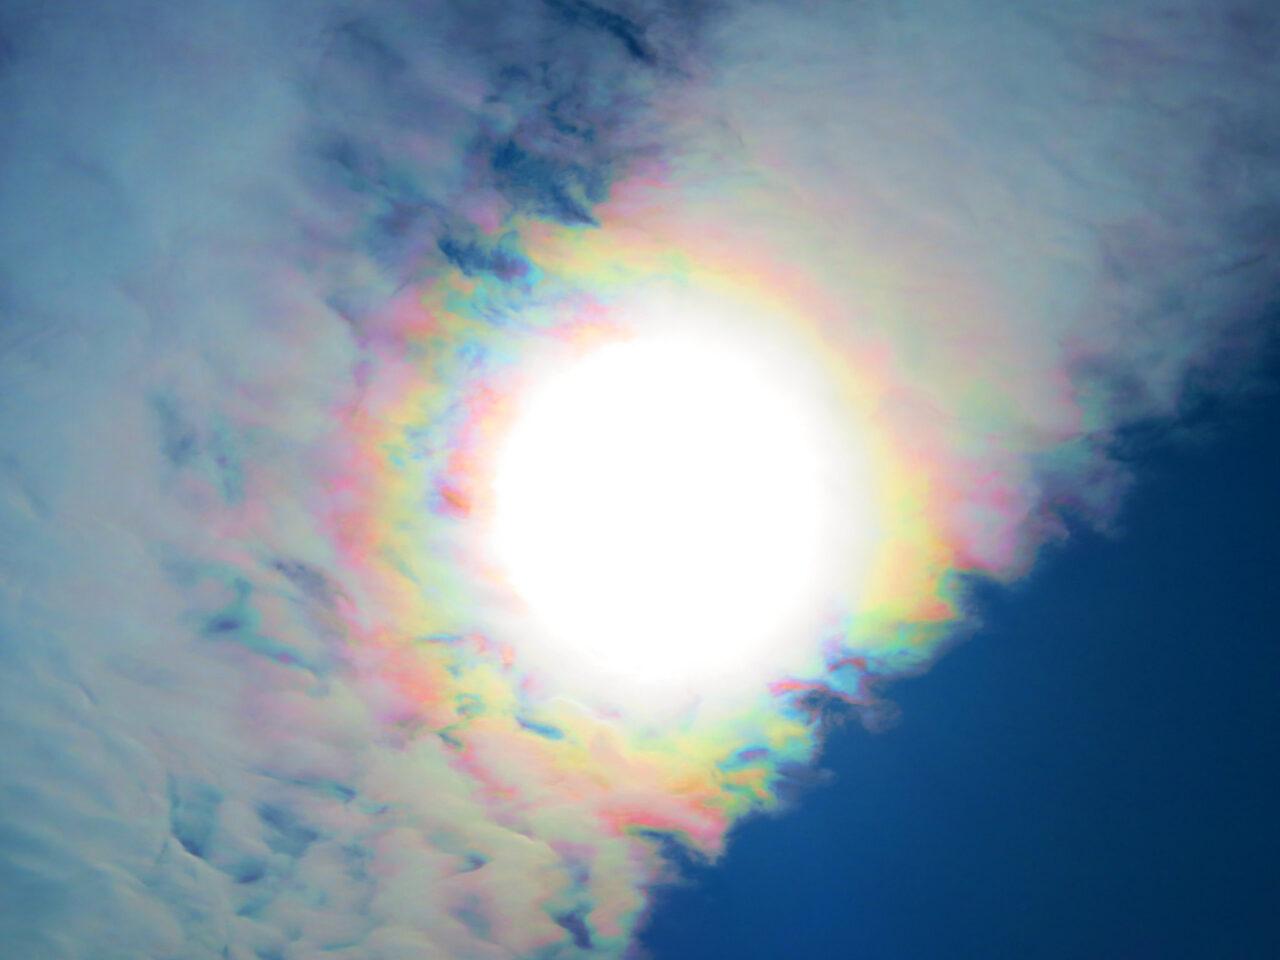 光の環のイメージ画像